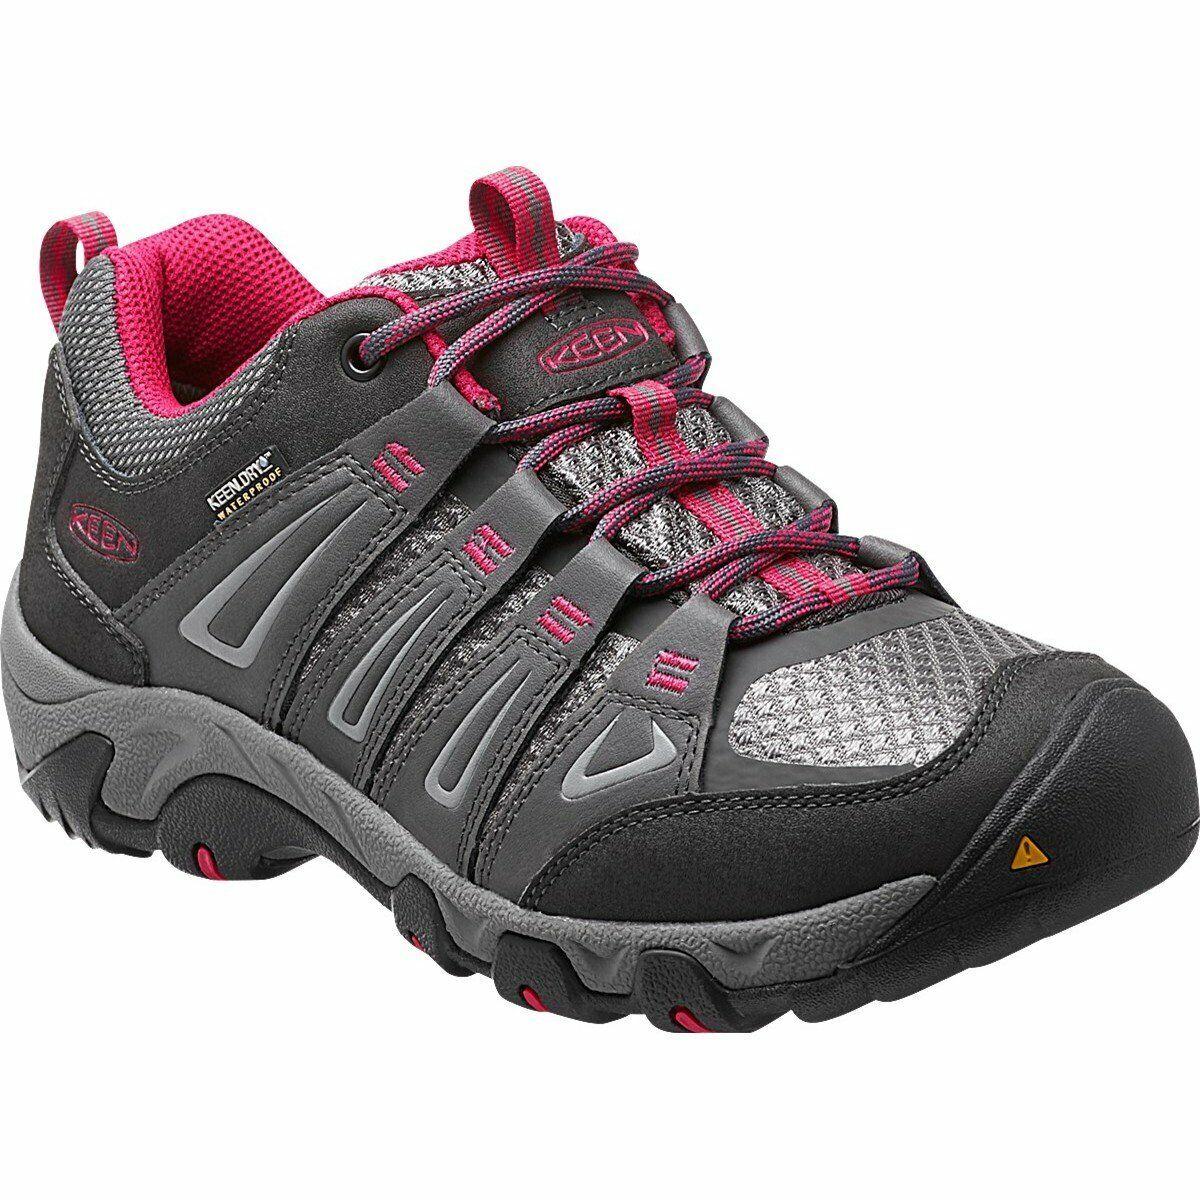 Keen Oakridge Wp Damen Schuhe Wanderschuhe - Magnet Rosa Alle Größen  | Hochwertig